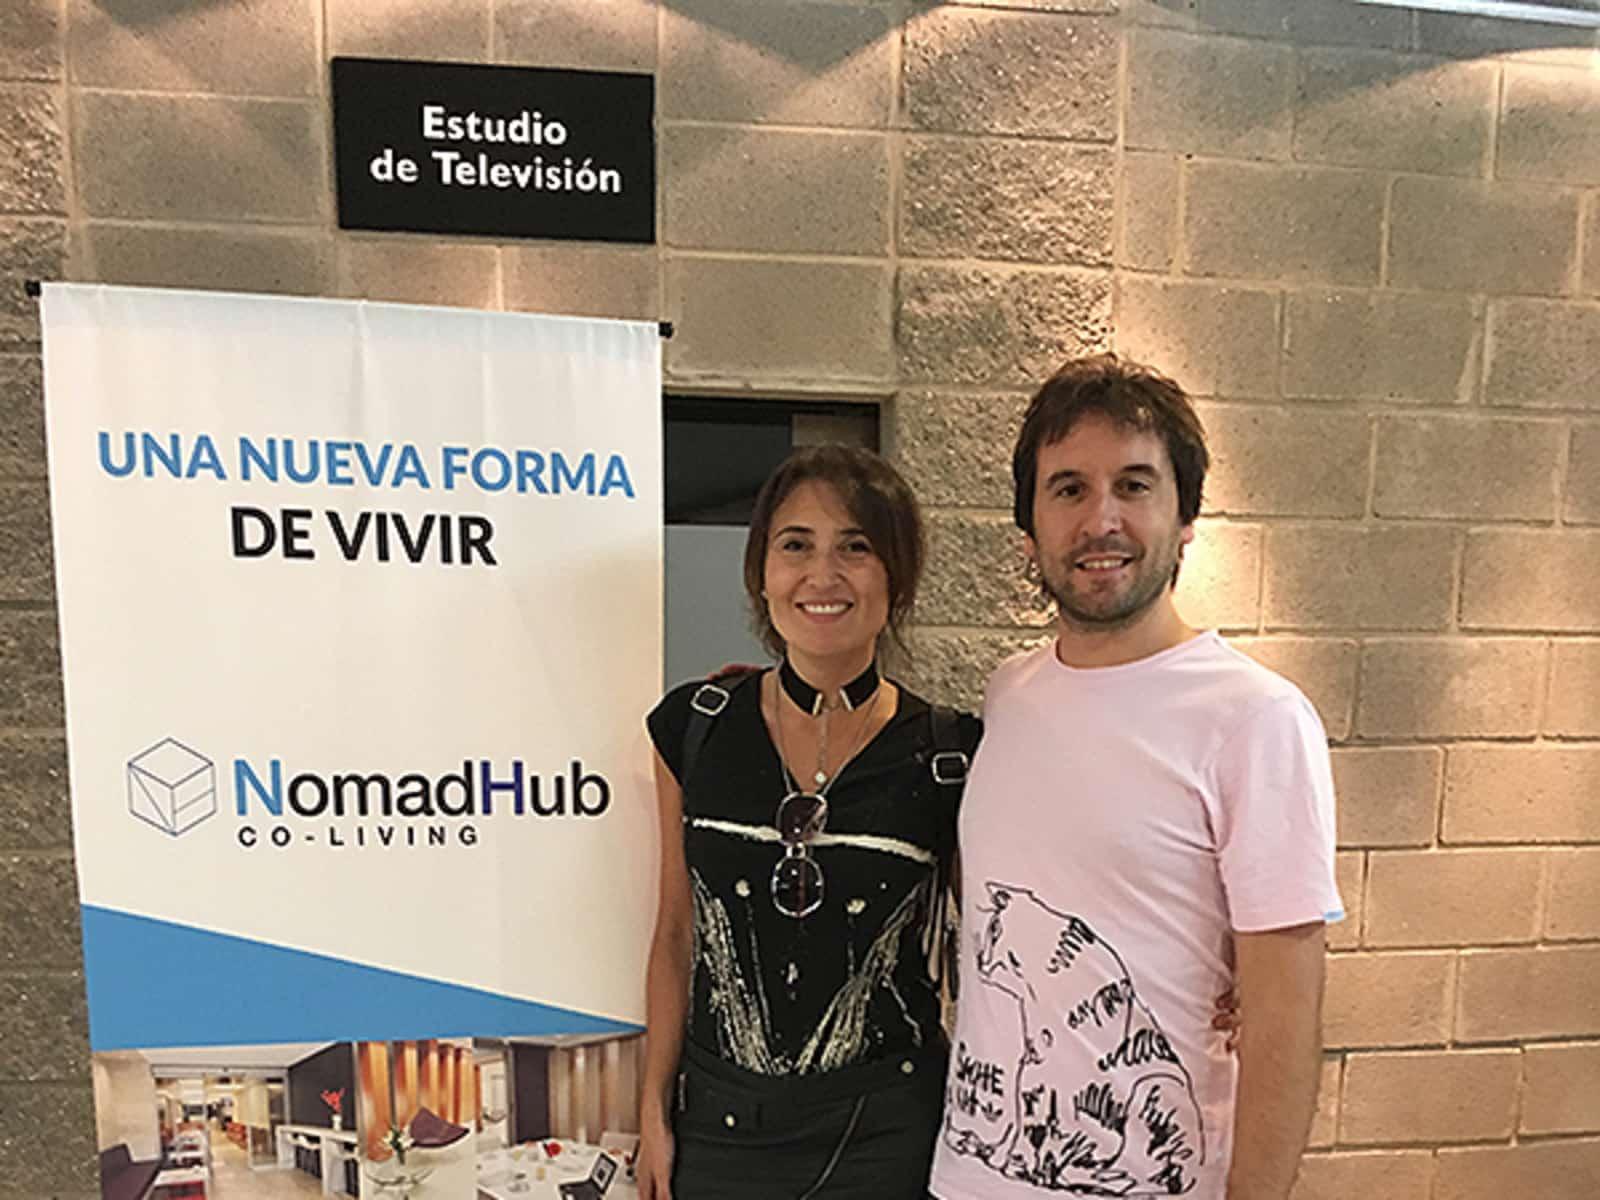 Nicolas & Susú from Buenos Aires, Argentina